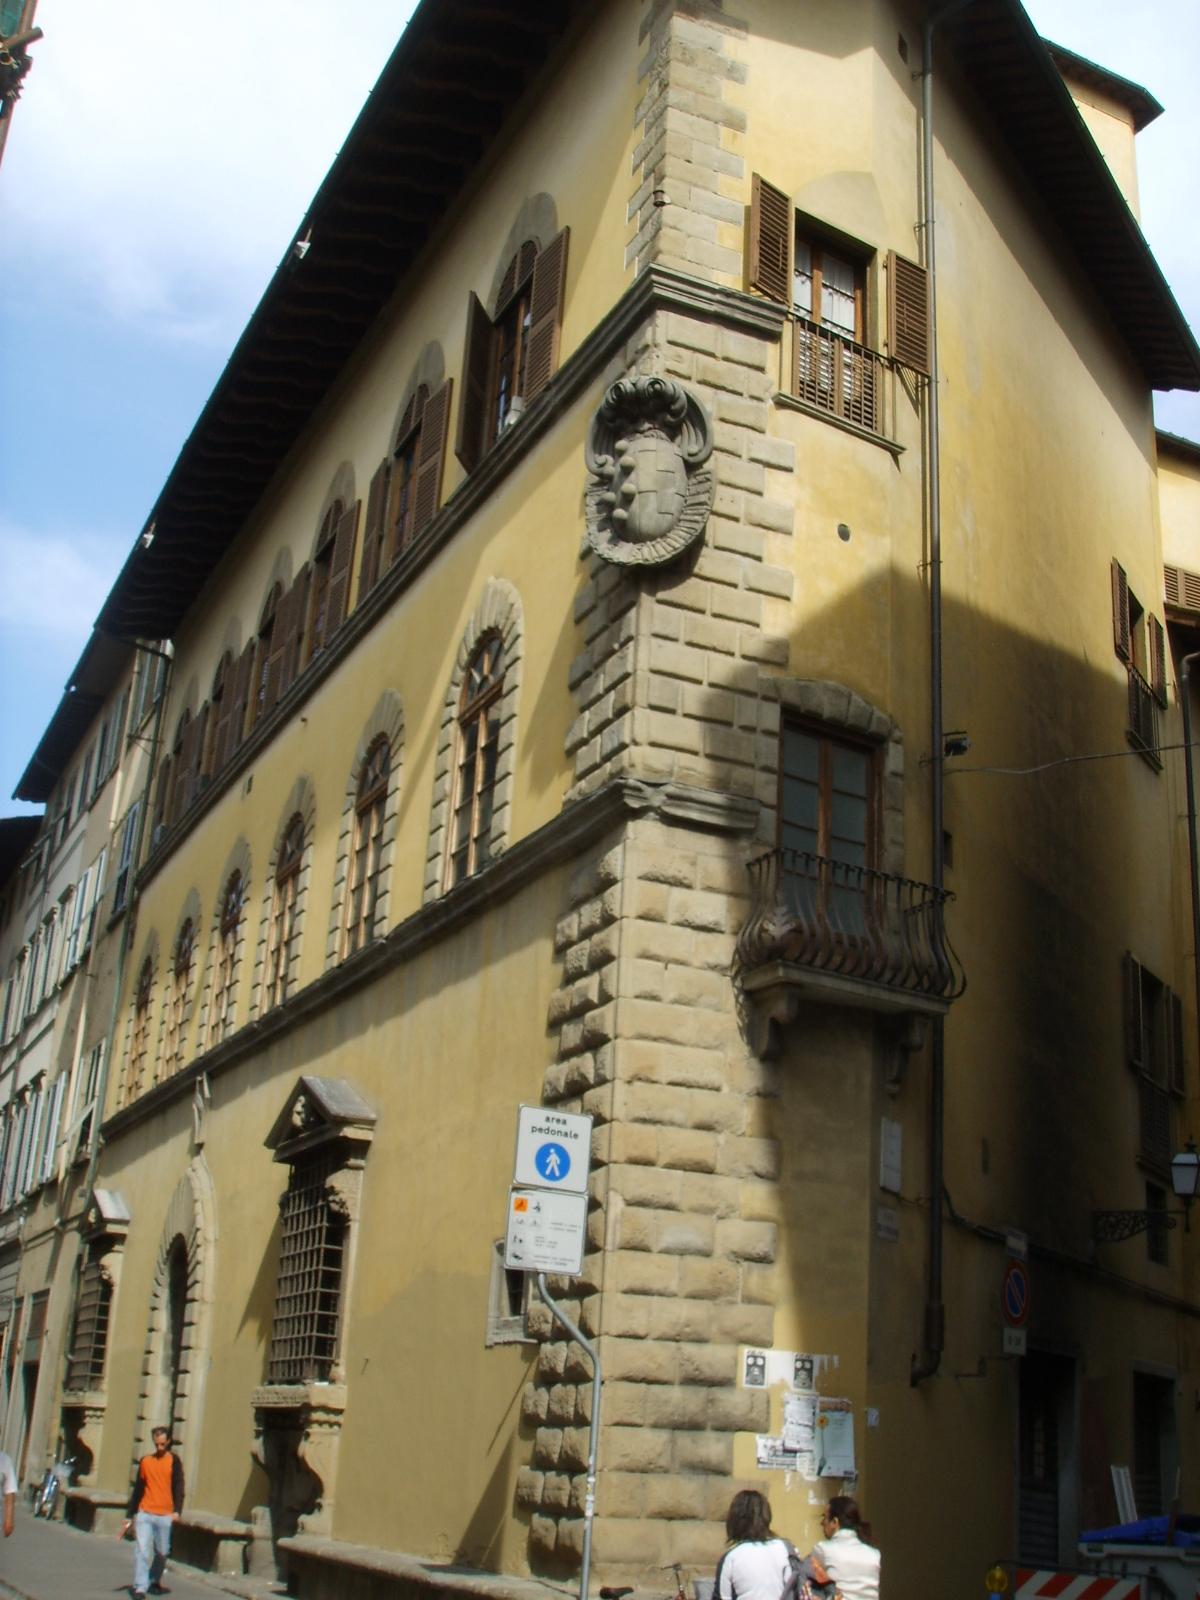 Palazzo di Sforza Almeni - Wikipedia